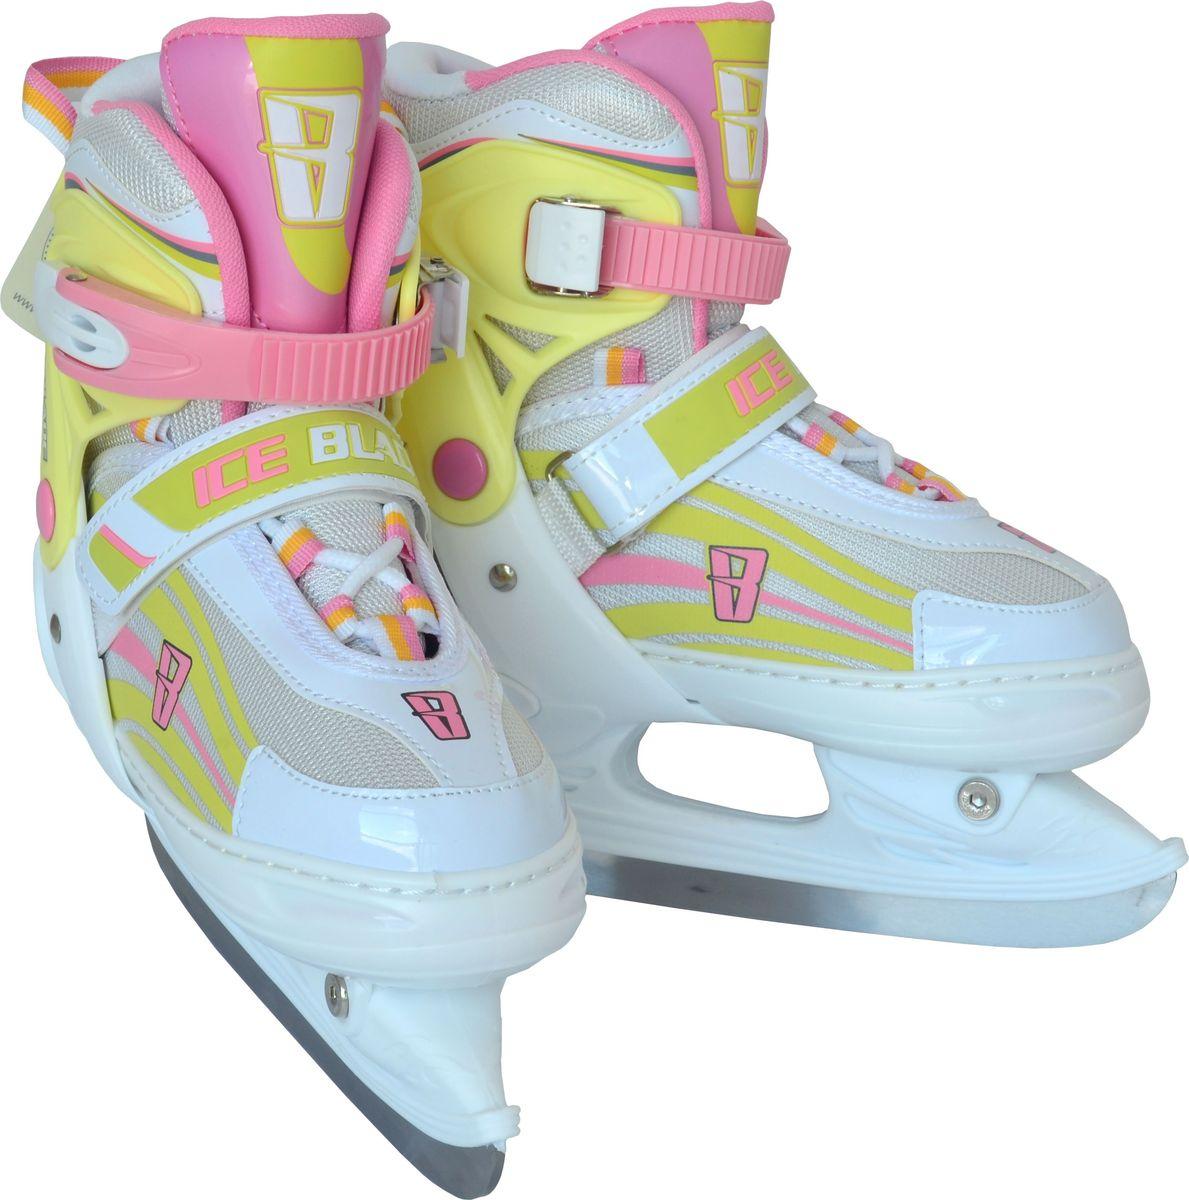 """Коньки ледовые для девочки Ice Blade """"Solar"""", раздвижные, цвет: розовый, желтый, белый. Размер L (38/41)"""